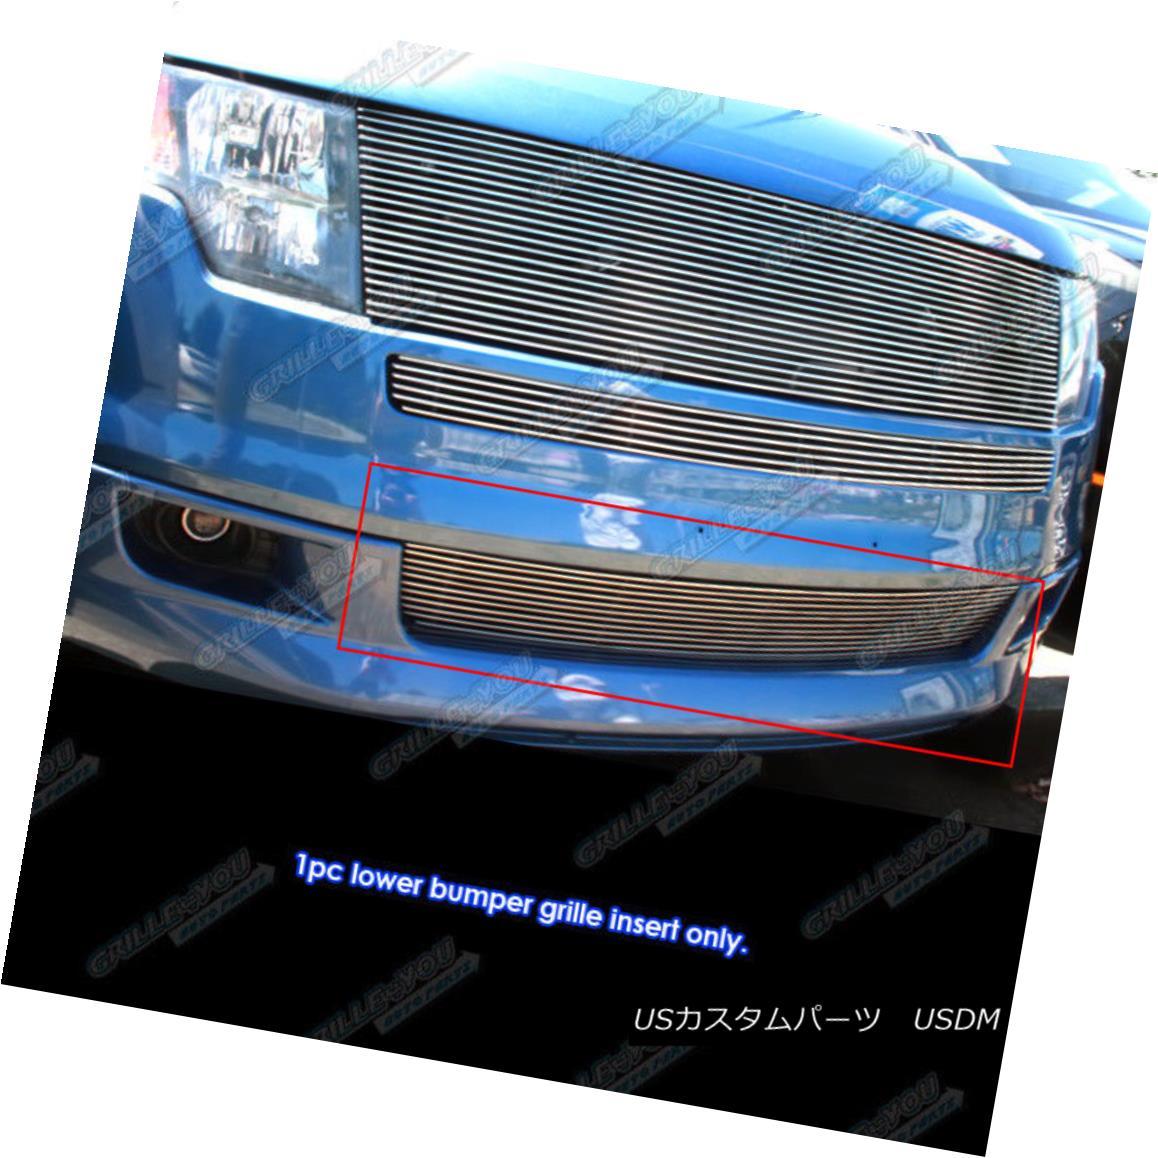 グリル Fits 2007-2010 Ford Edge Lower Bumper Billet Grille Grill Inserts フィット2007-2010フォードエッジロワーバンパービレットグリルグリルインサート